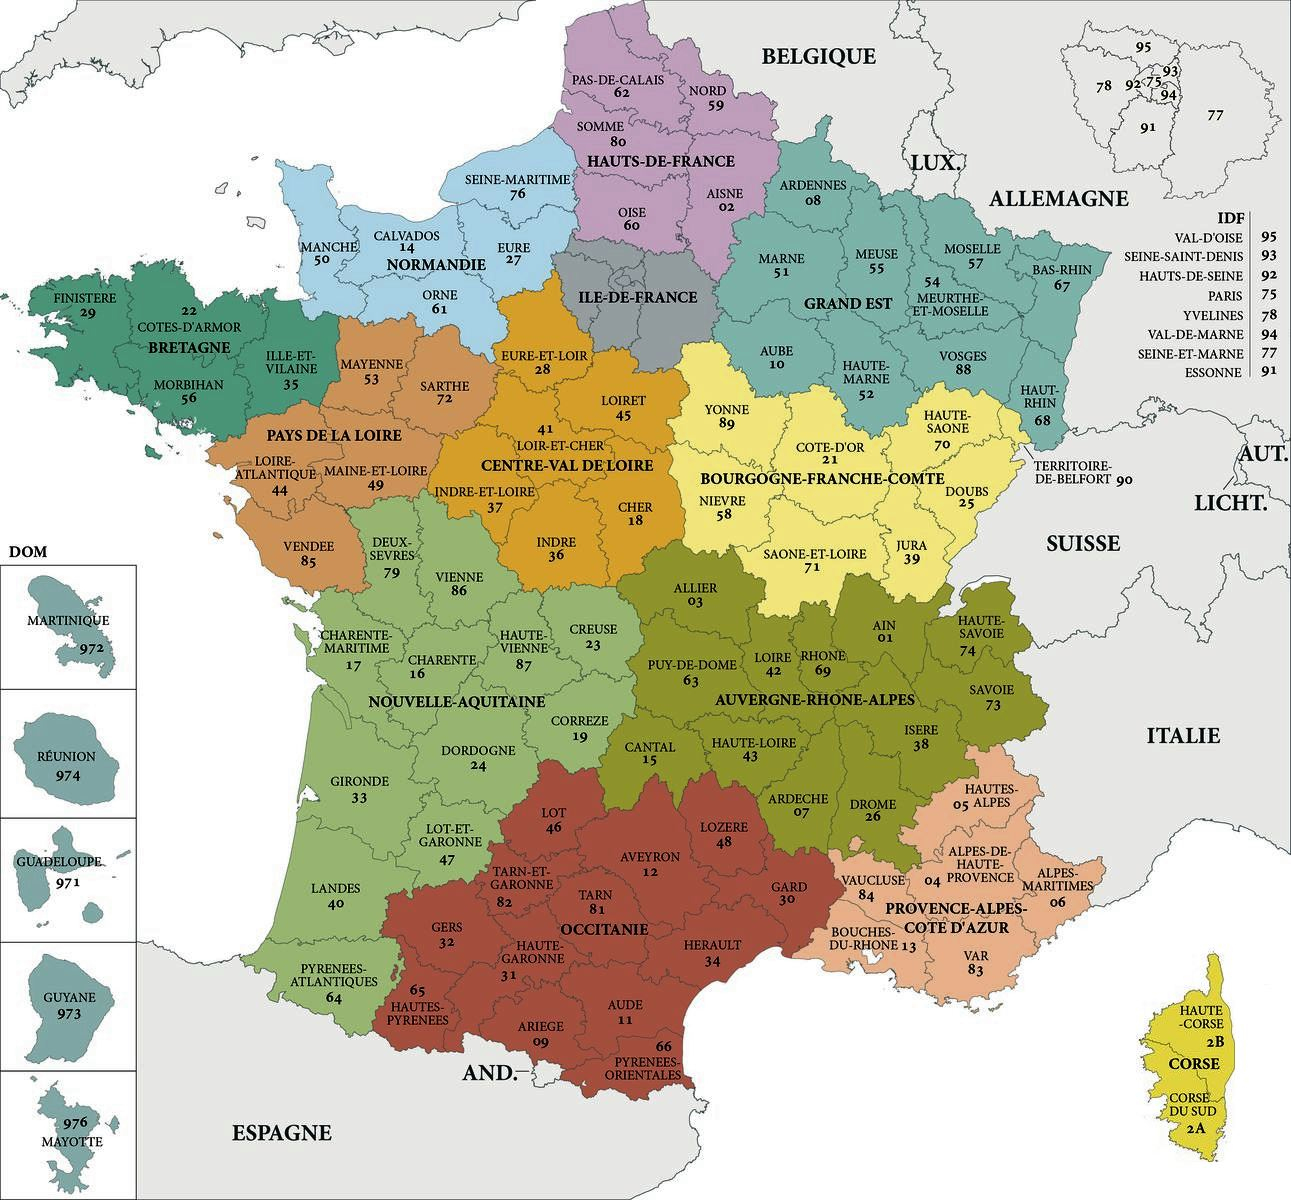 Carte De France Departements : Carte Des Départements De France destiné Numéro Des Départements